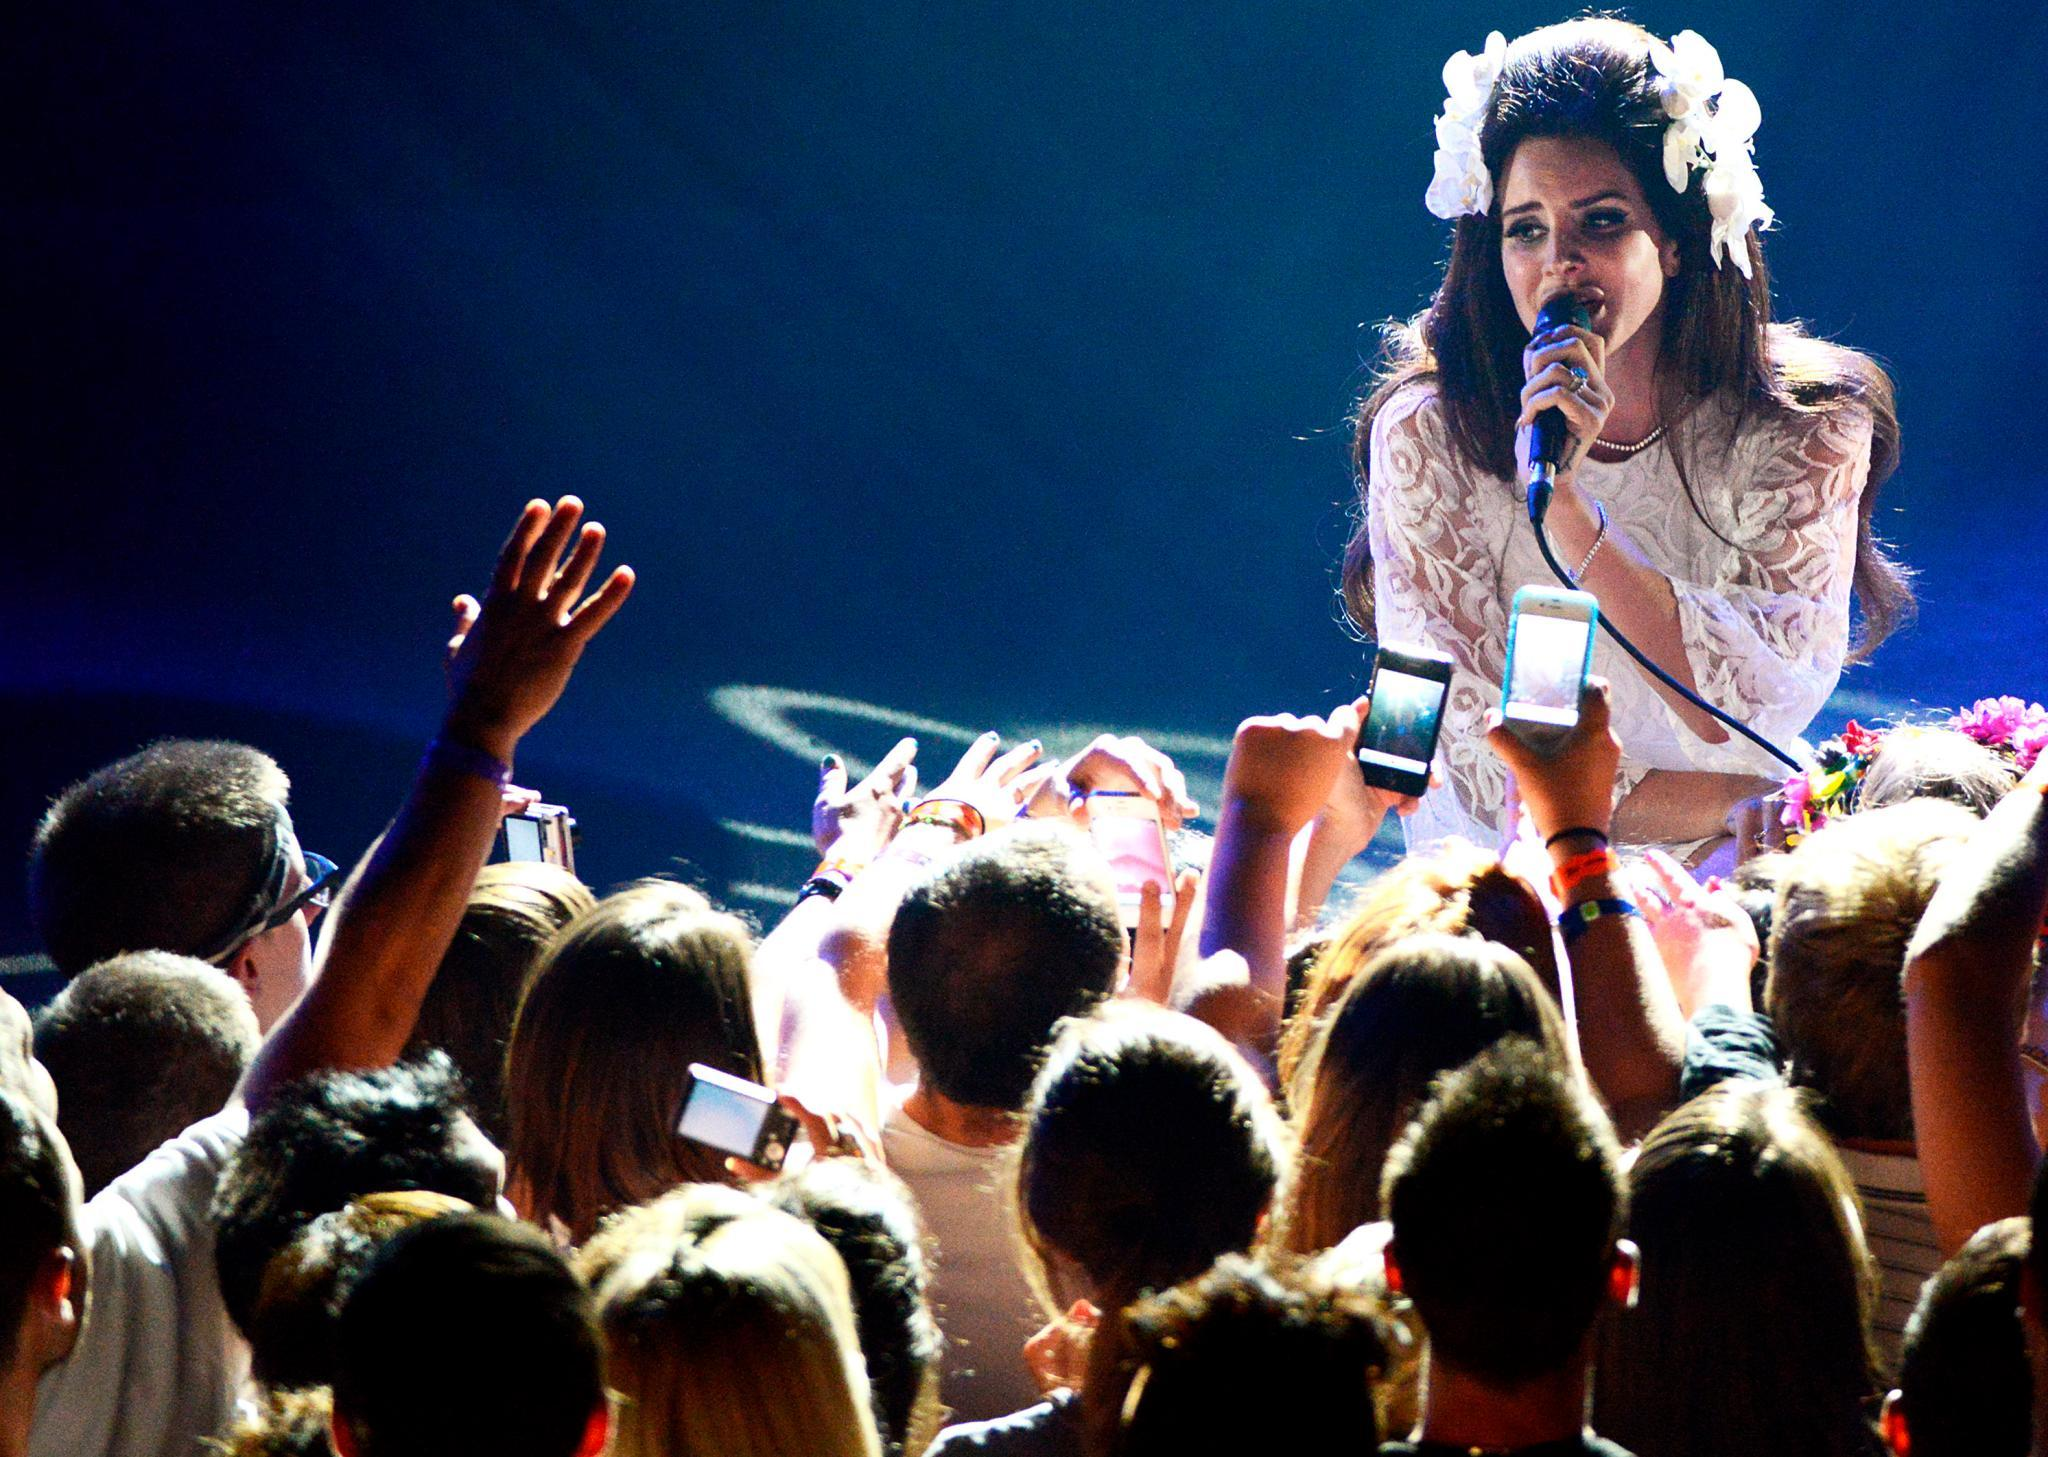 Lana Del Rey, 26, bei einem Auftritt auf dem Montreux Jazz Festival. In Deutschland tritt sie vom 6. bis 25. April auf. Tickets unter www.lanadelrey.com.